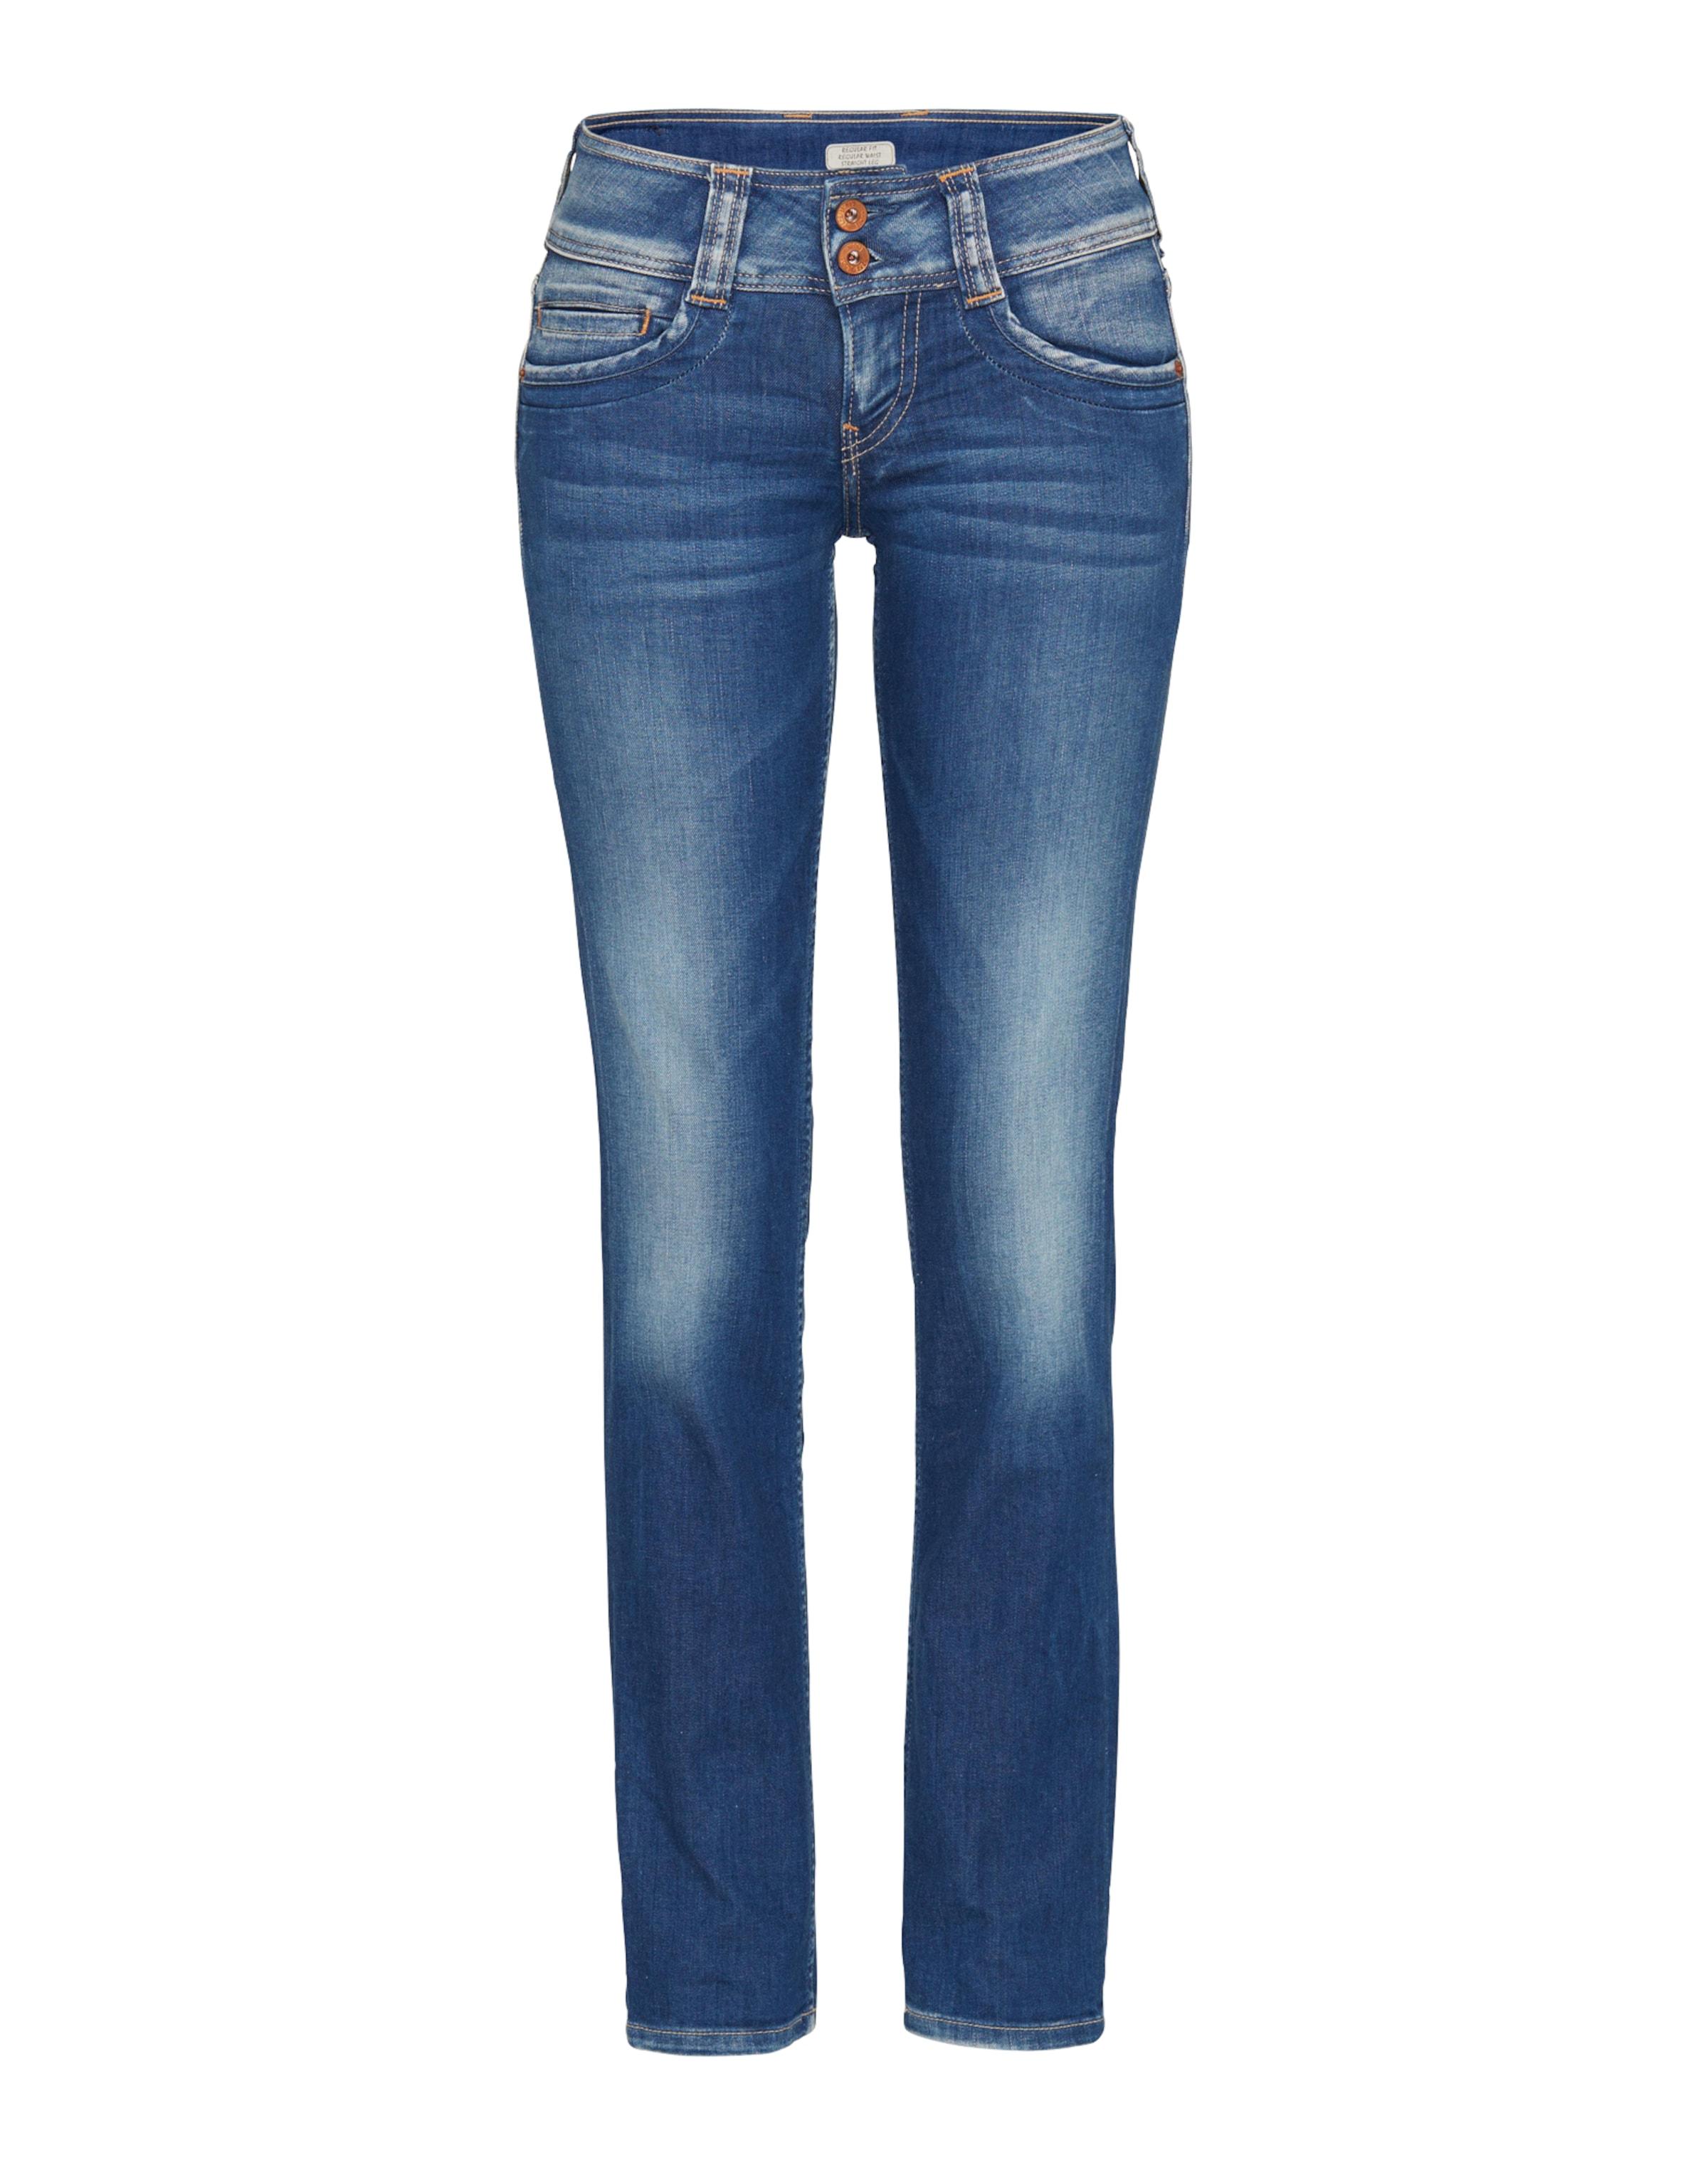 Pepe 'gen' Denim In Jeans Blue 0wNvmn8